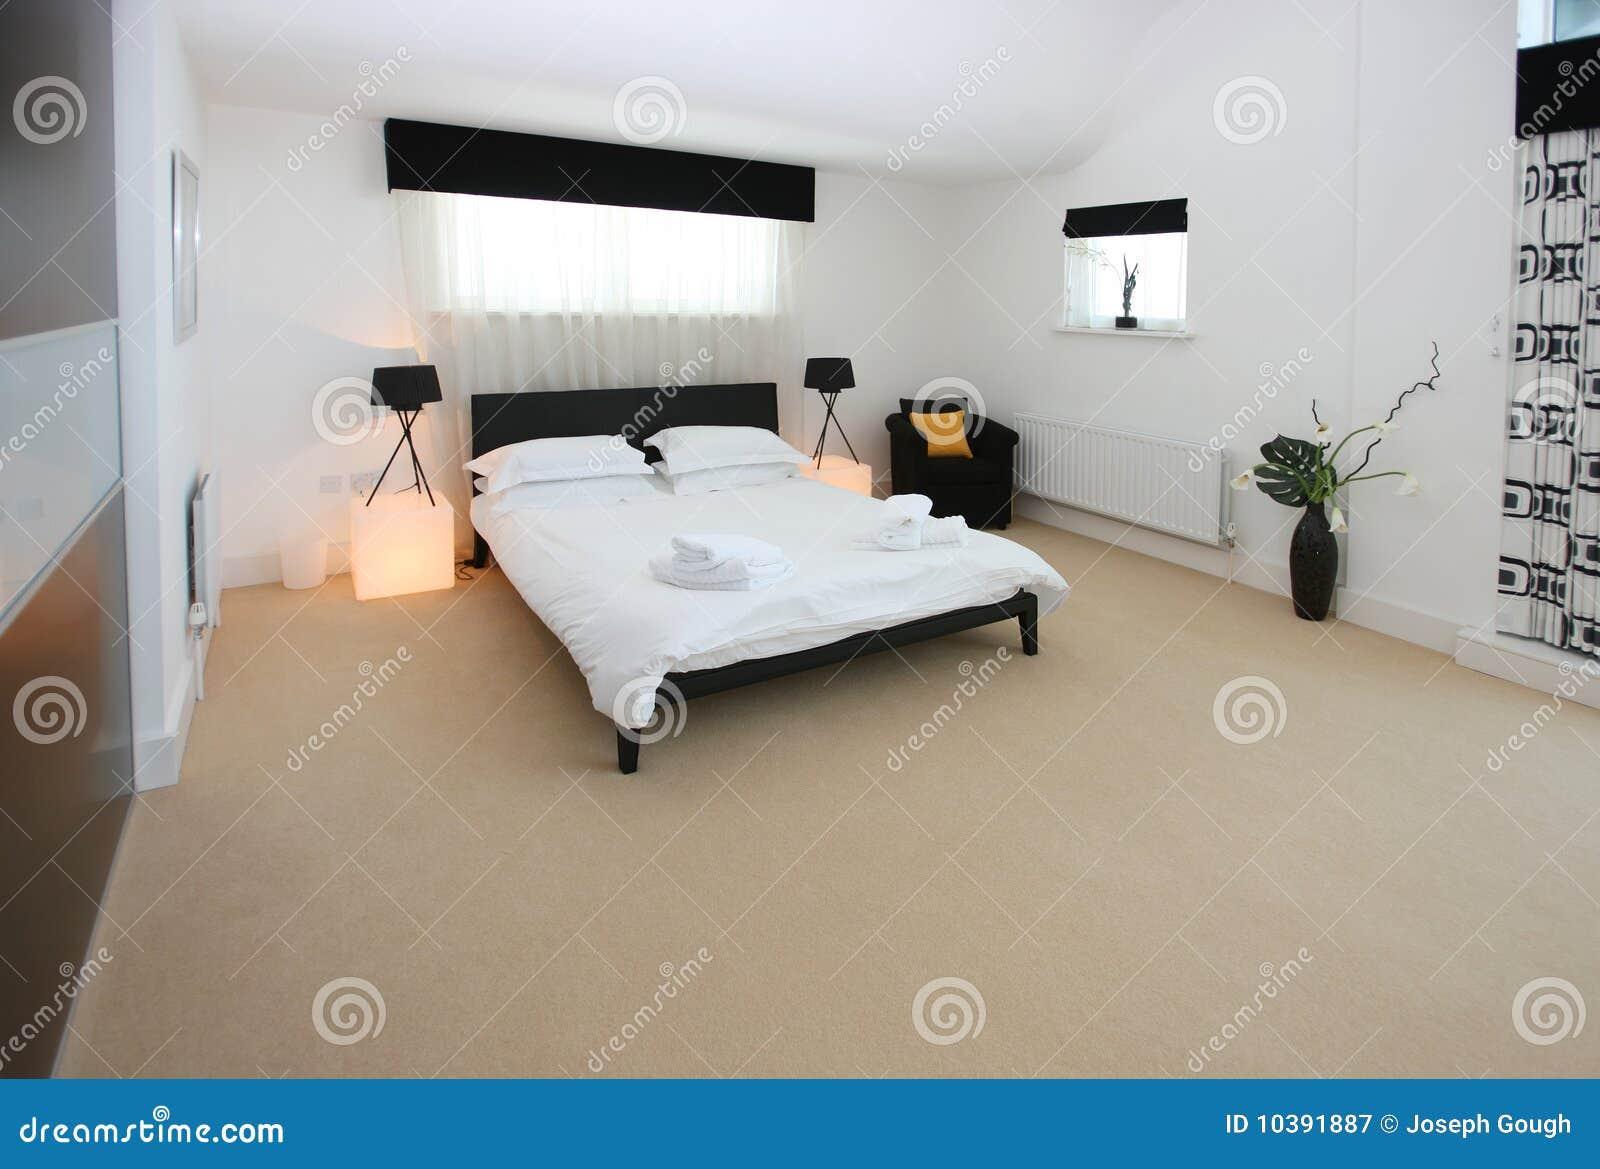 Chambre De Luxe Moderne : Intérieur de luxe moderne chambre à coucher image stock